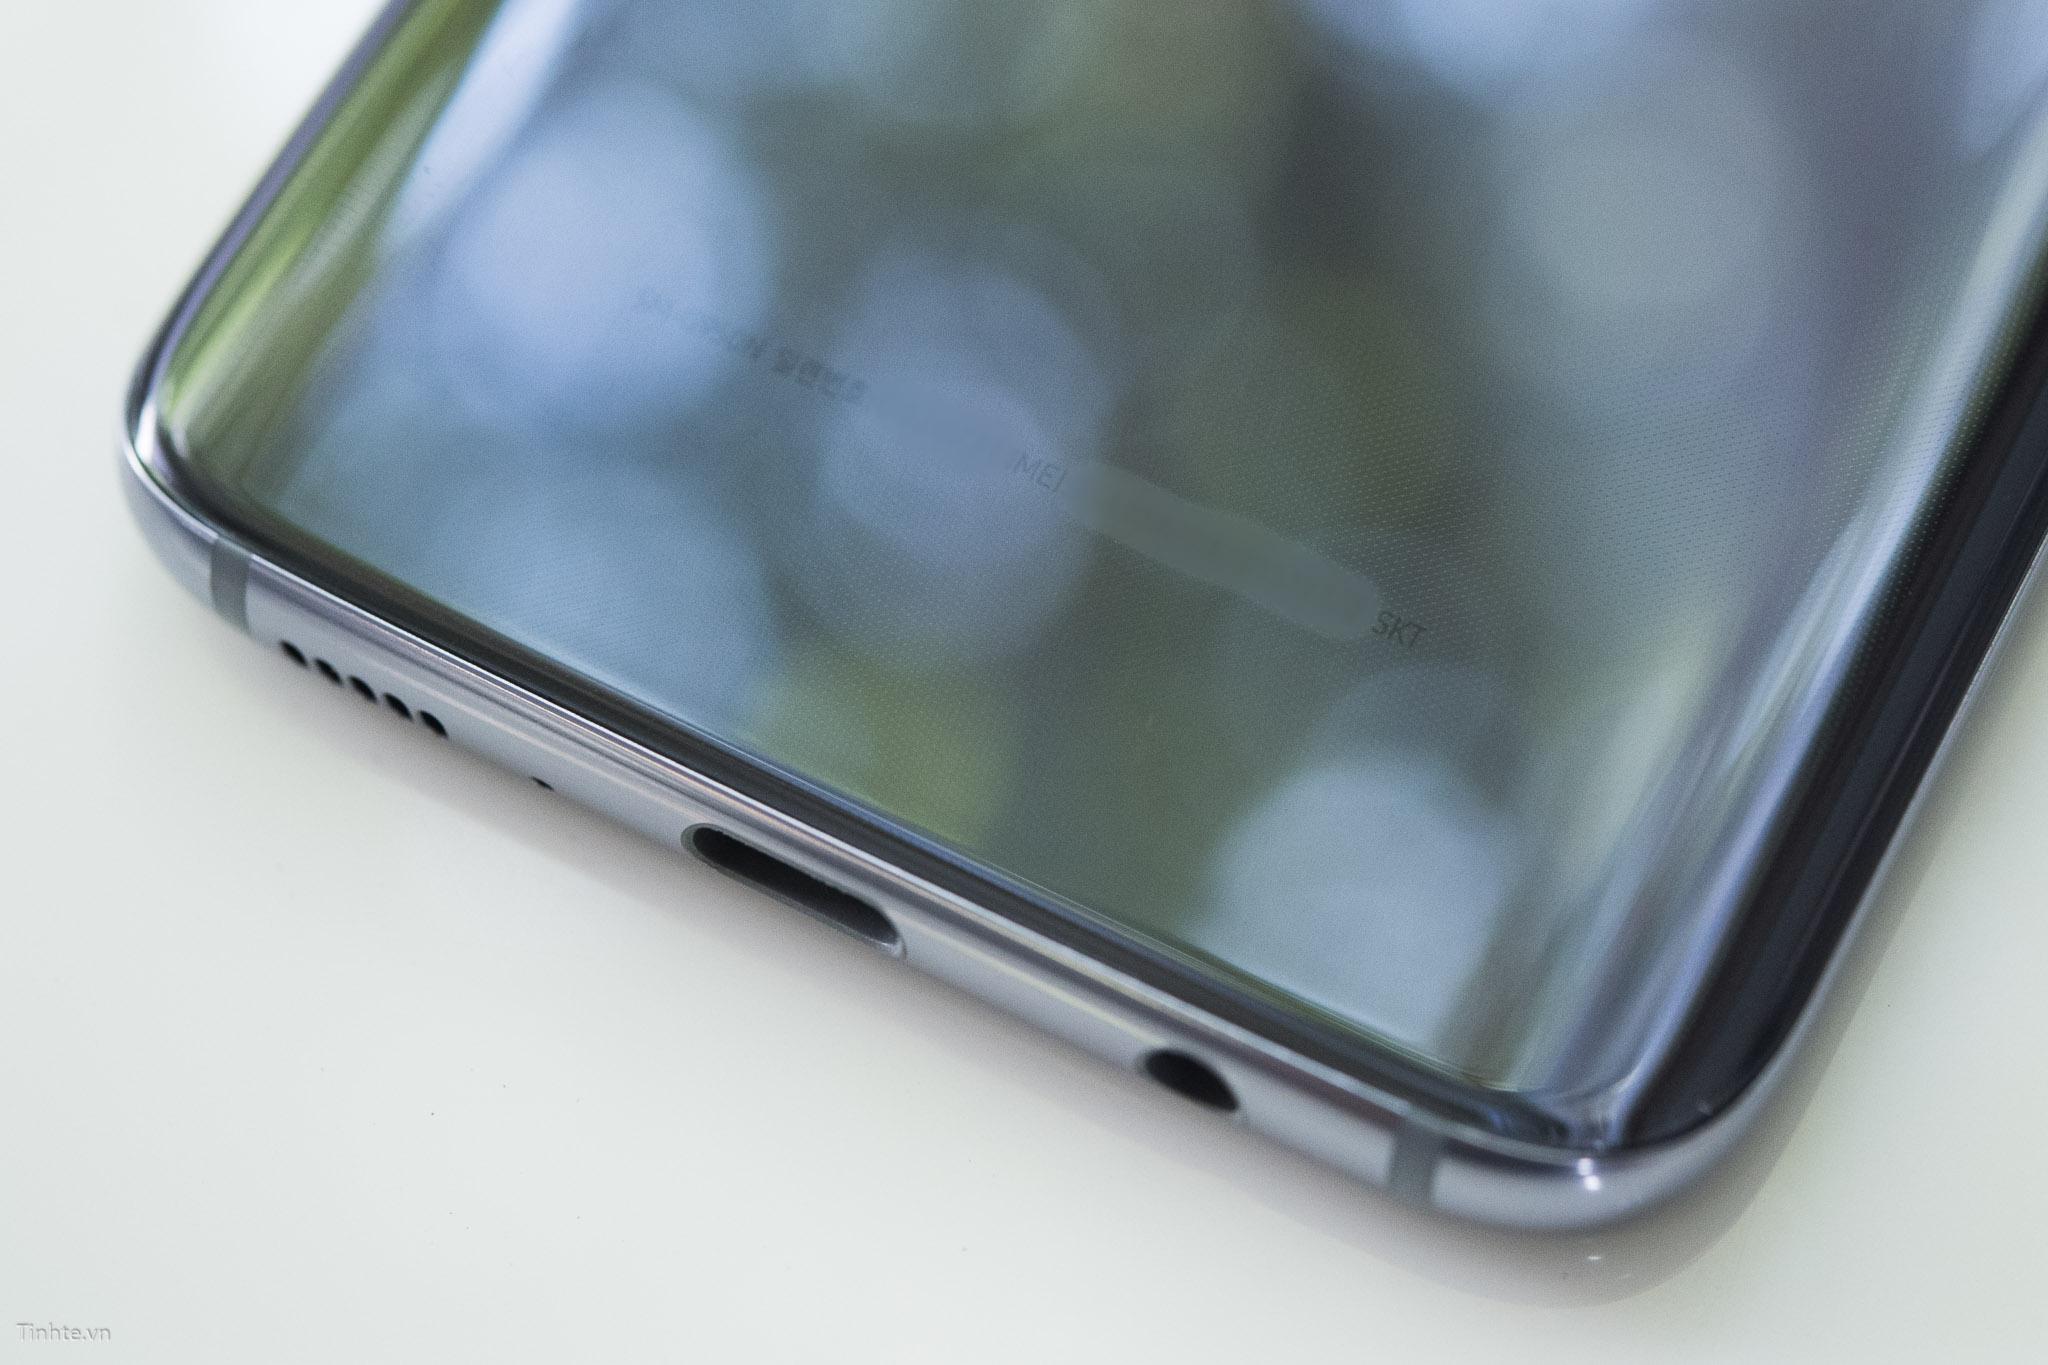 Mục Sở Thị Điện Thoại Samsung Galaxy S8 Xám Phong Lan